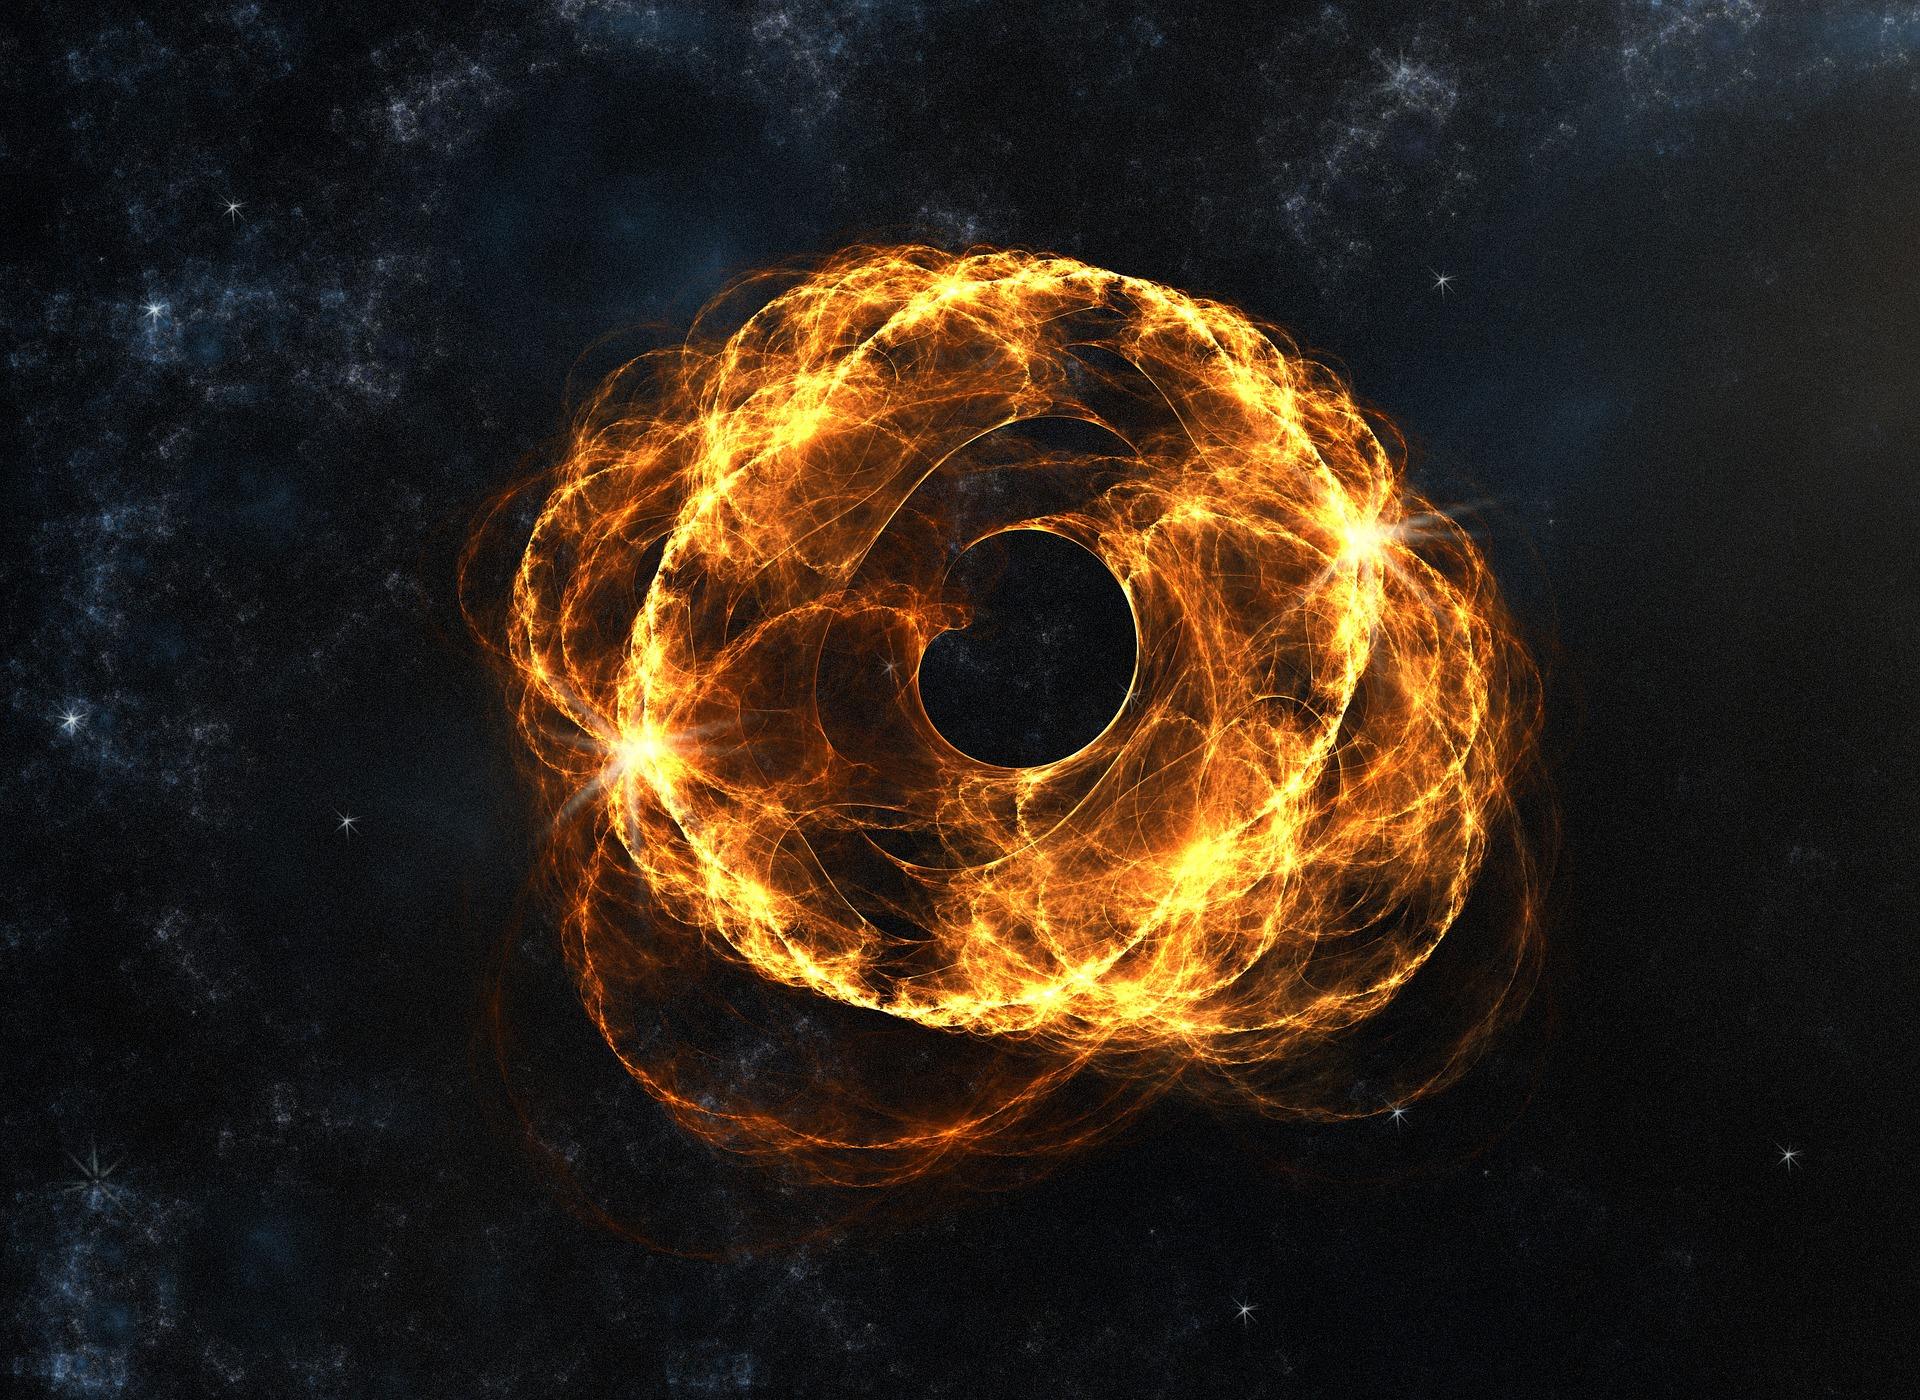 Čierna diera